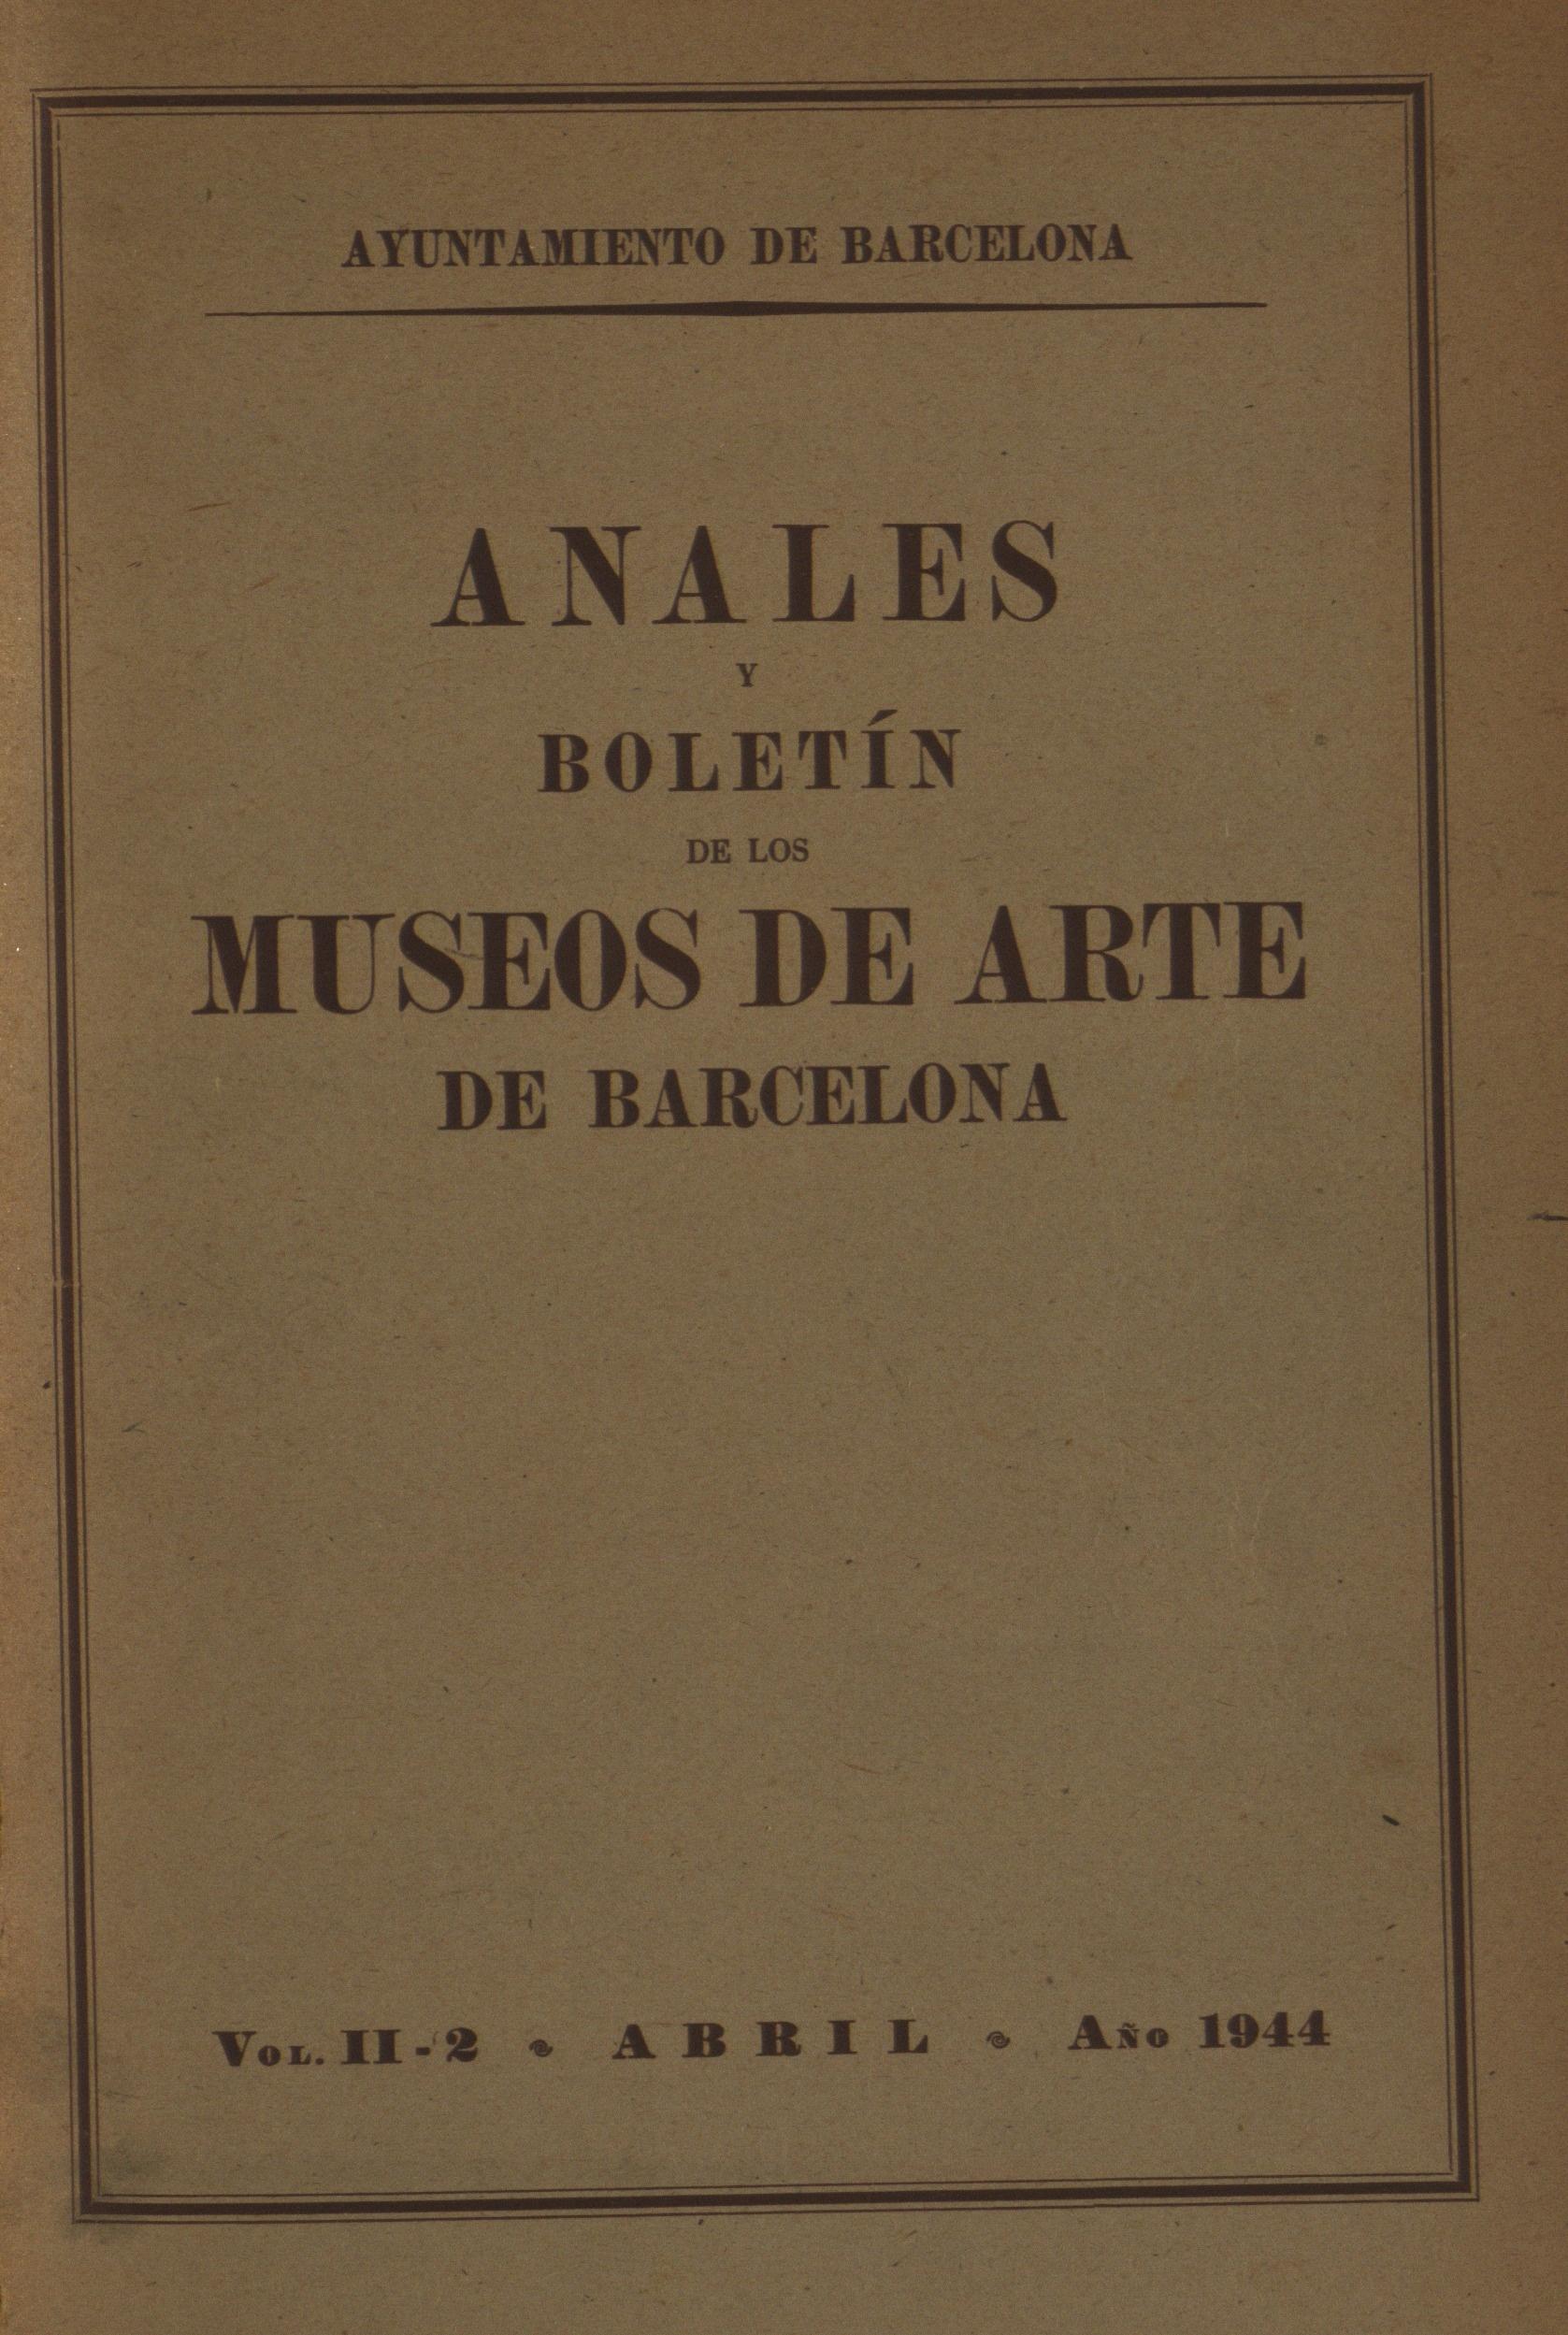 Vol. 2, núm. 2 (1944)